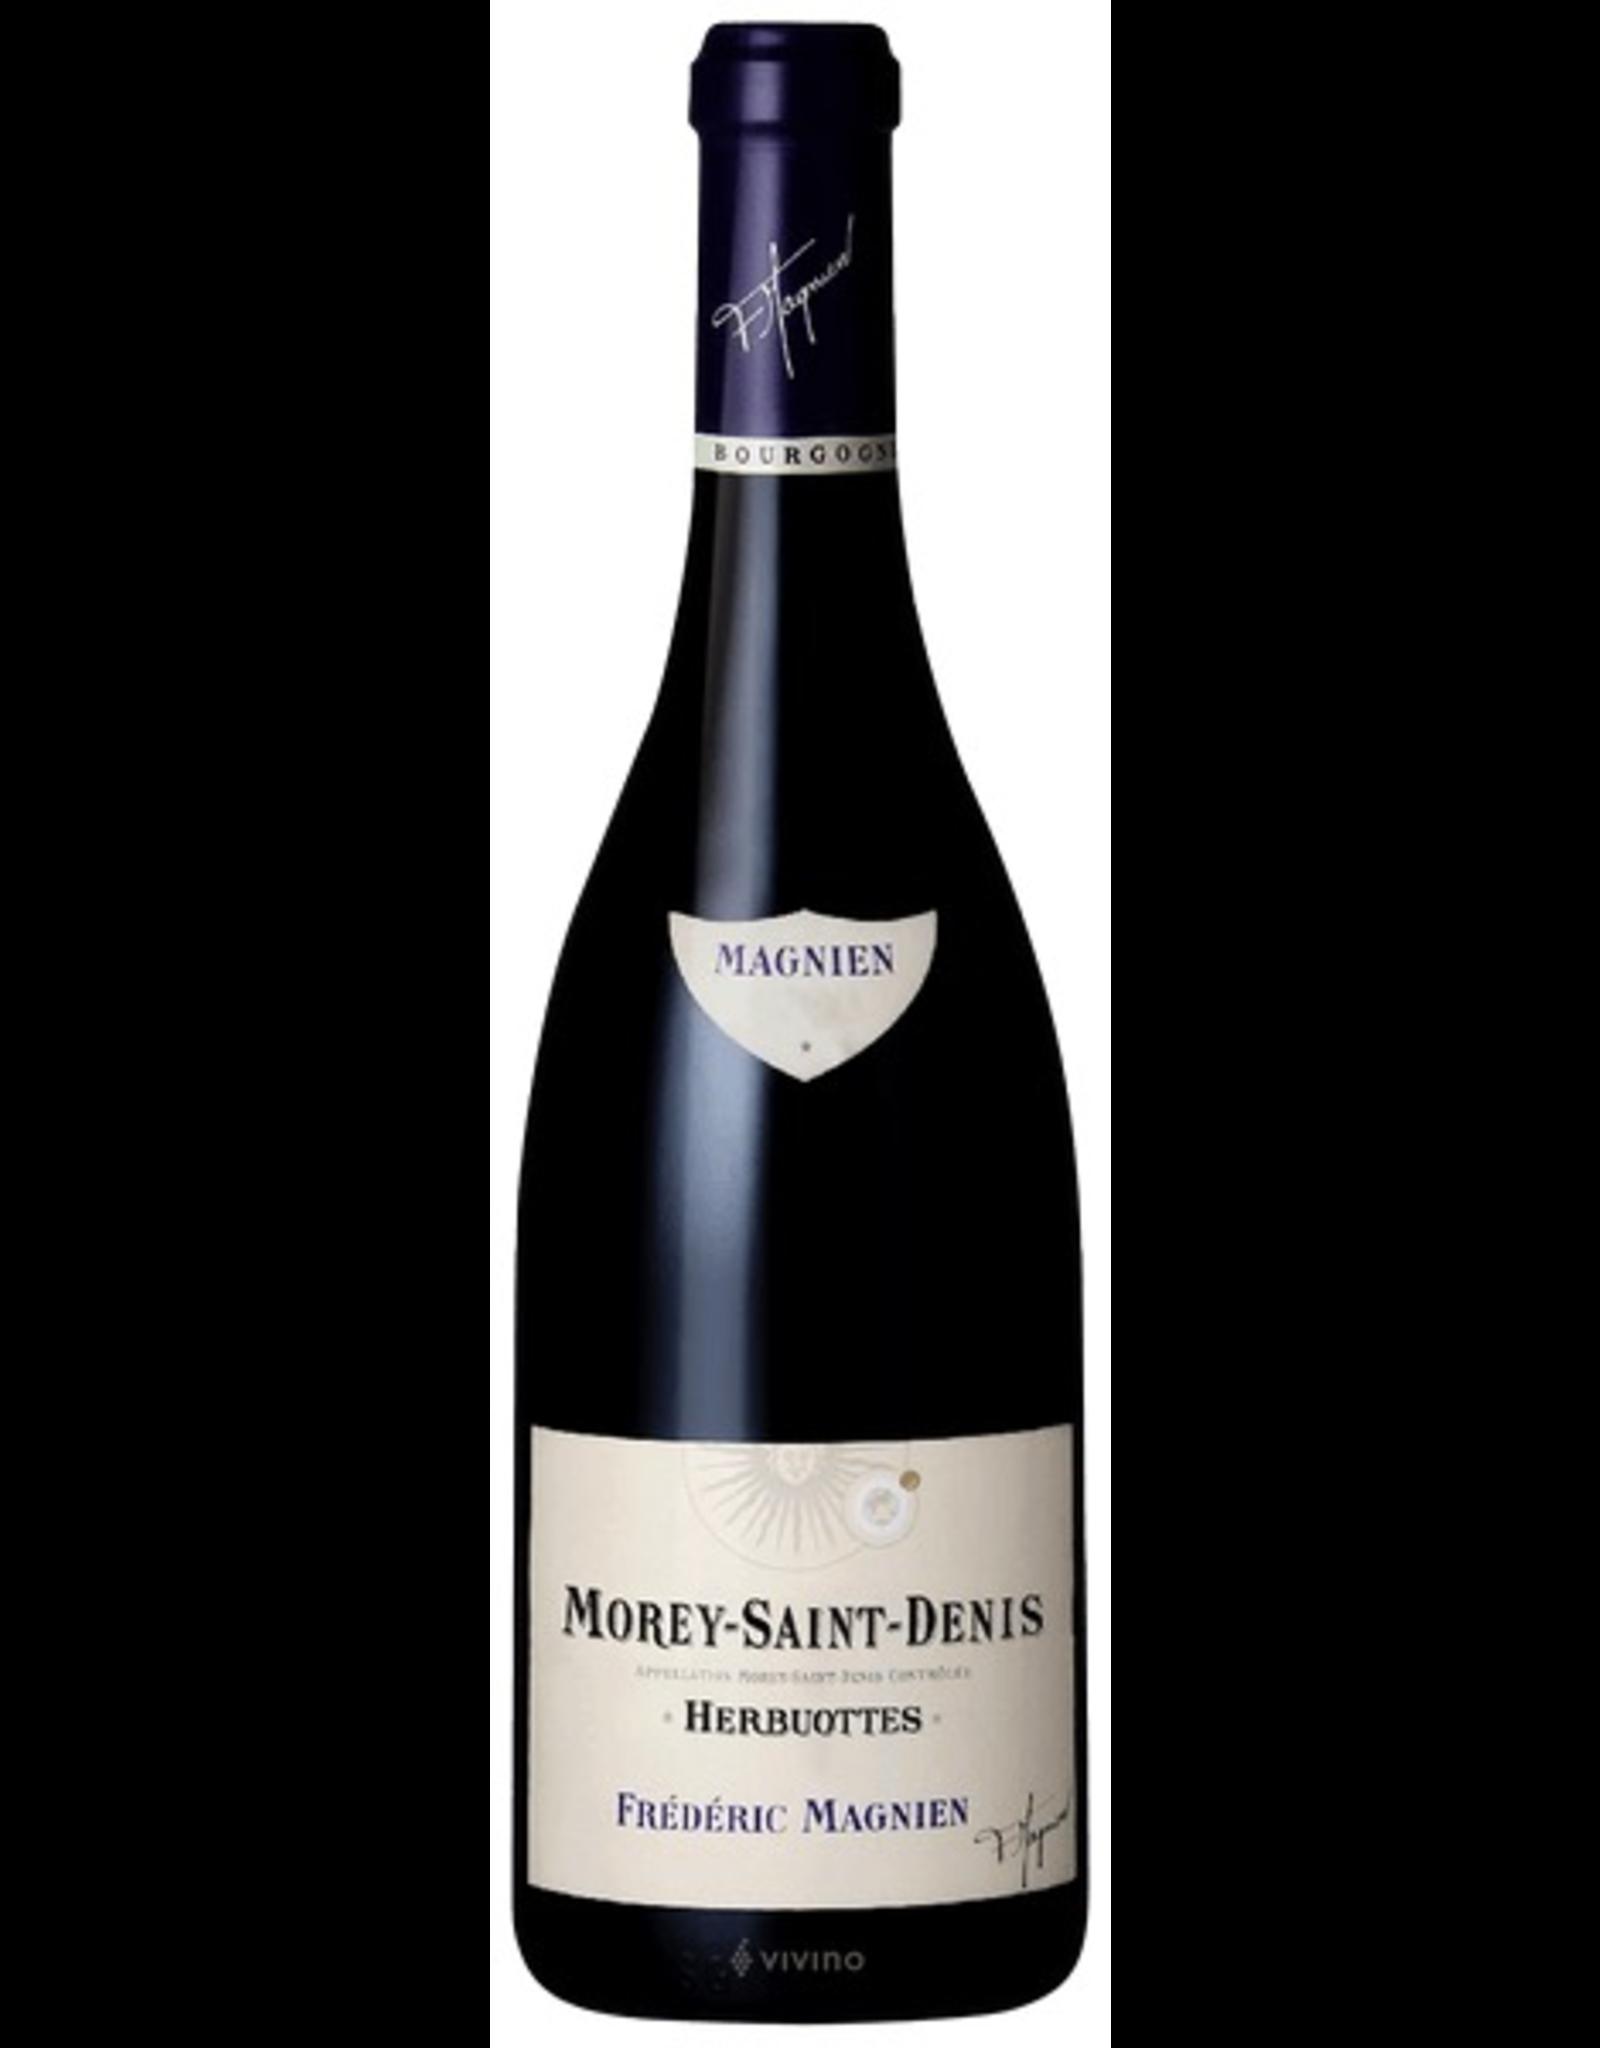 """Red Wine 2015, Frederic Magnien Herbuottes"""" Morey-Saint-Denis Grand Vin de Bourgogne, Pinot Noir, Cote de Nuits, Burgundy, France, 13% Alc, CT"""